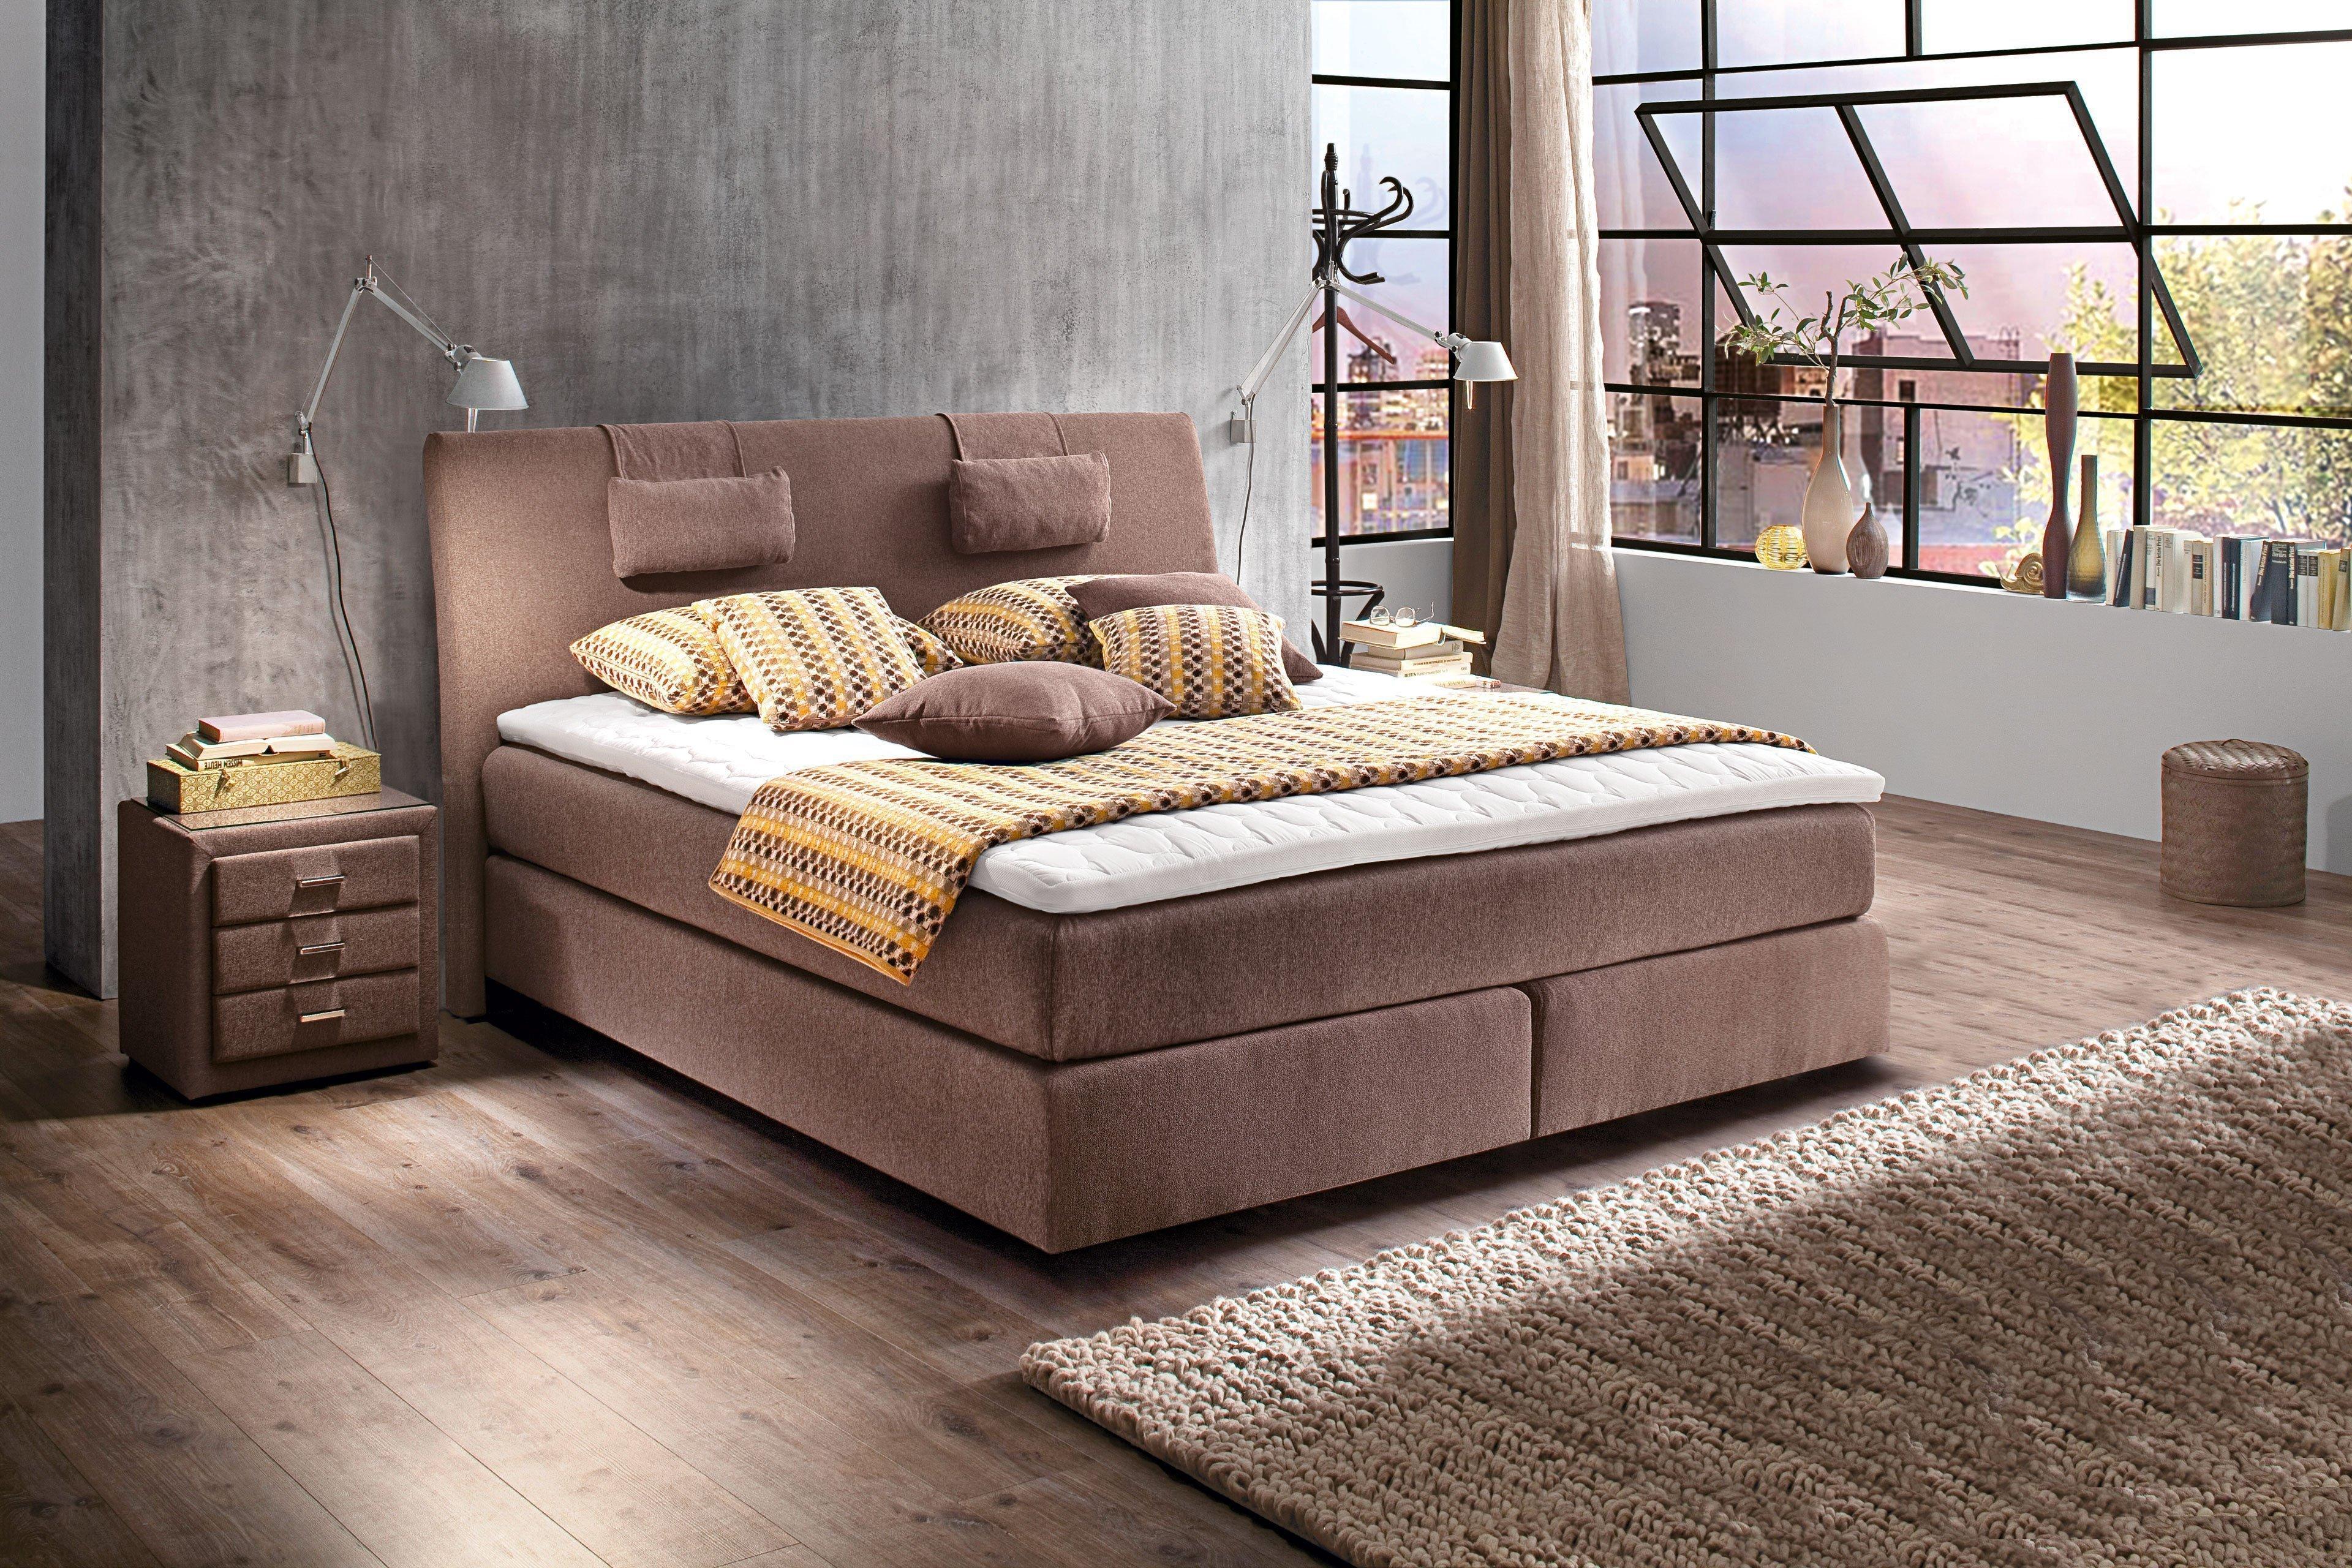 royal mobel simple royal mbel bochum royal moebel spot youtube with royal mobel designer sofa. Black Bedroom Furniture Sets. Home Design Ideas